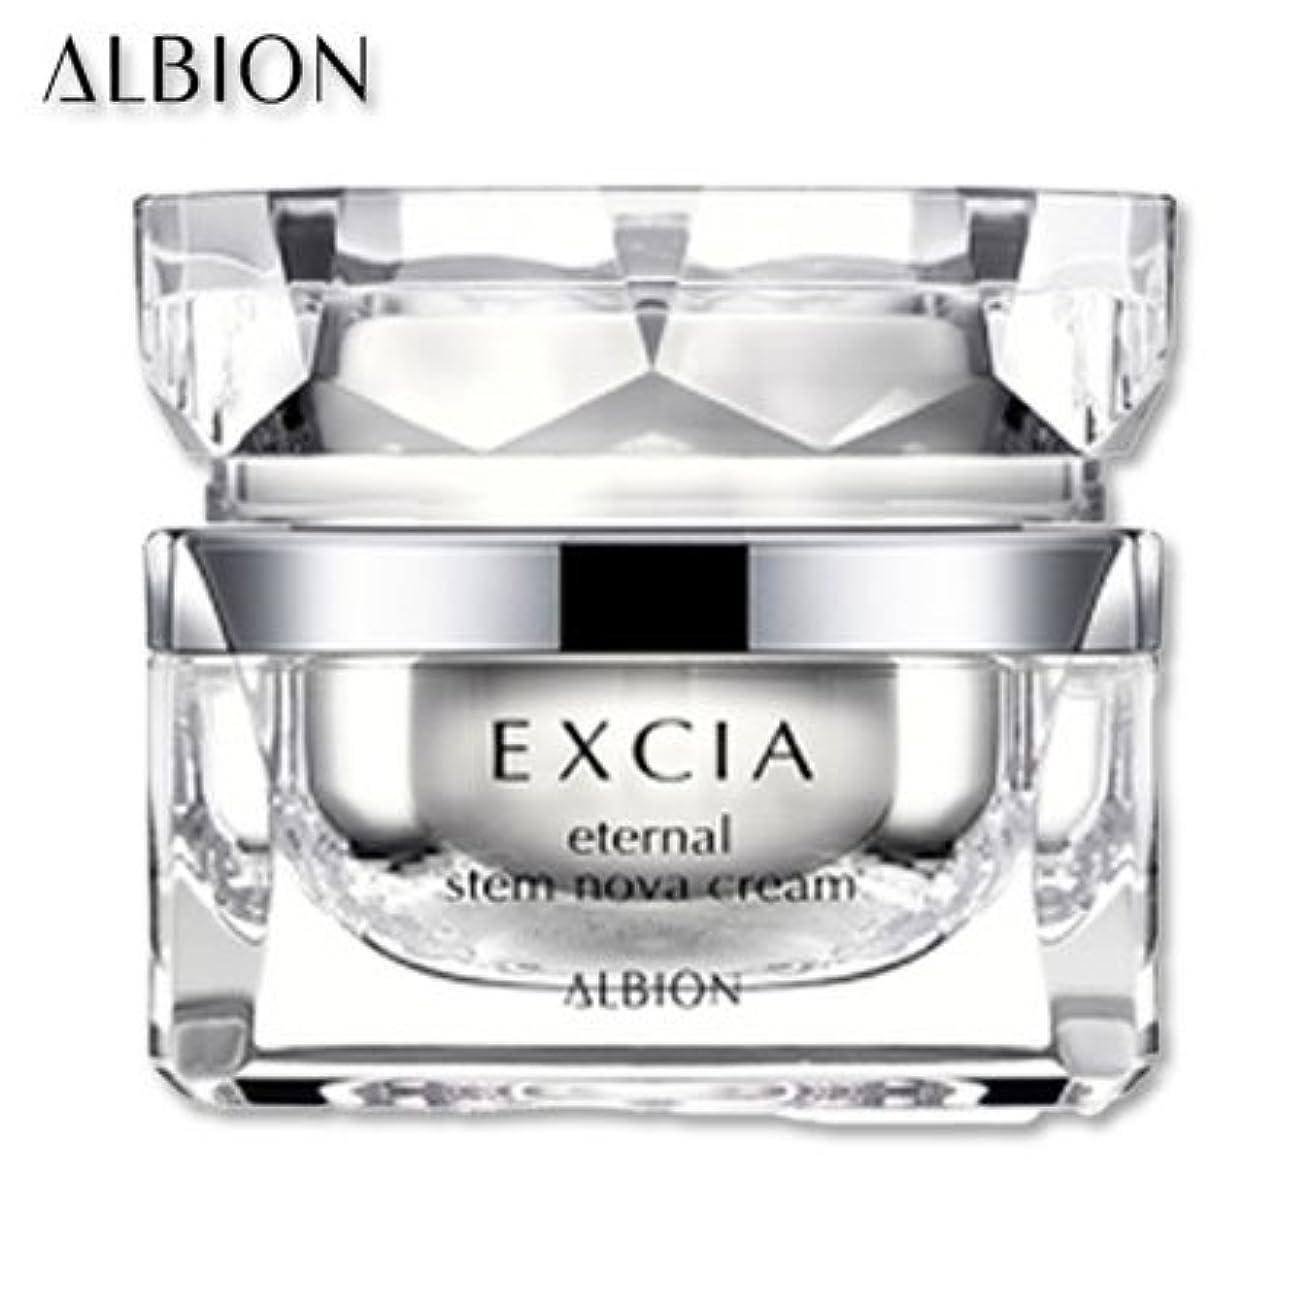 繰り返した延ばすゆりアルビオン エクシア AL エターナル ステム ノーヴァ クリーム 30g-ALBION-